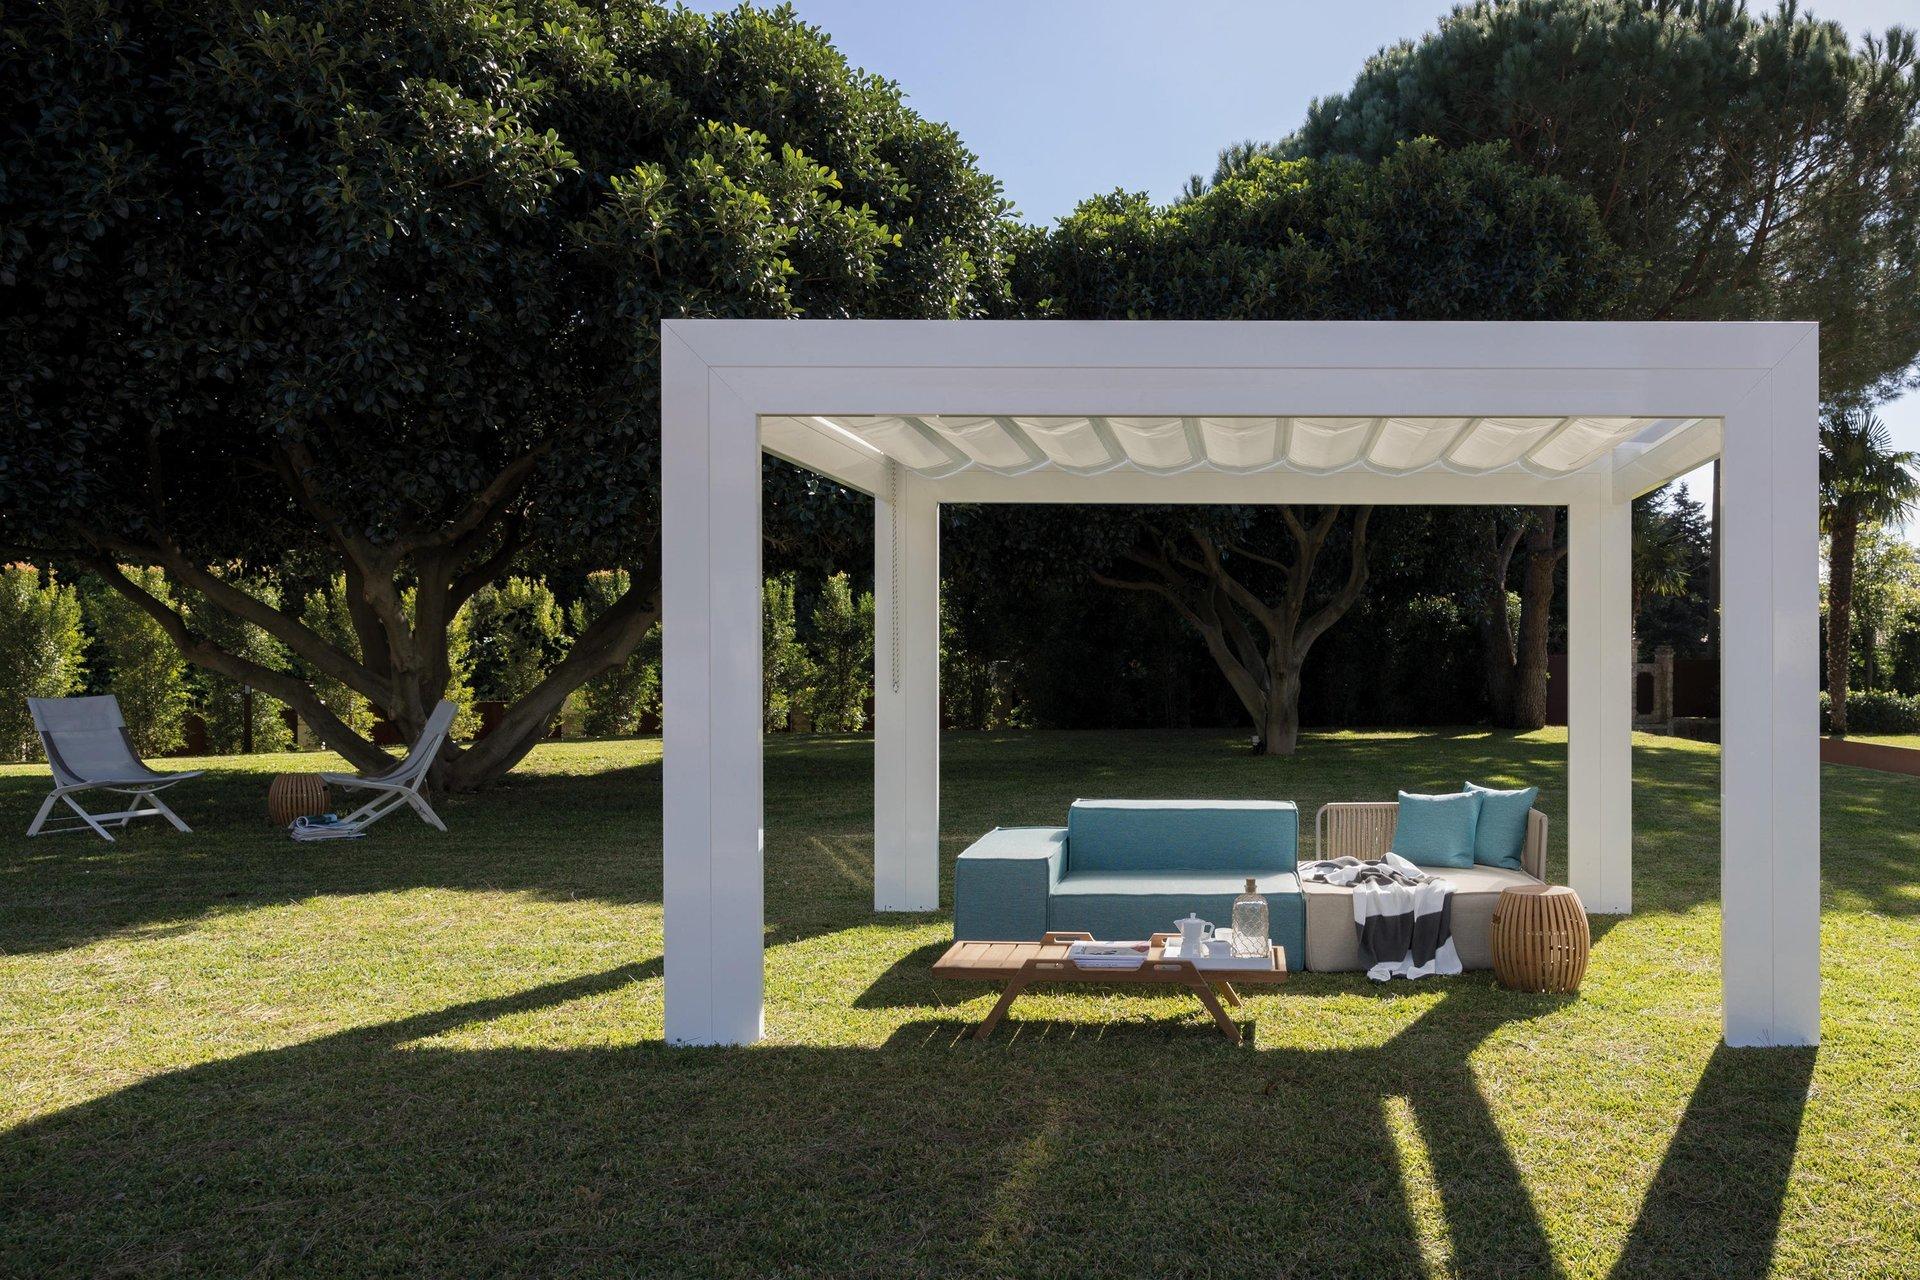 Arredo giardino SHELTER a Salerno, Eboli, Battipaglia da Montella Prisma Arredo